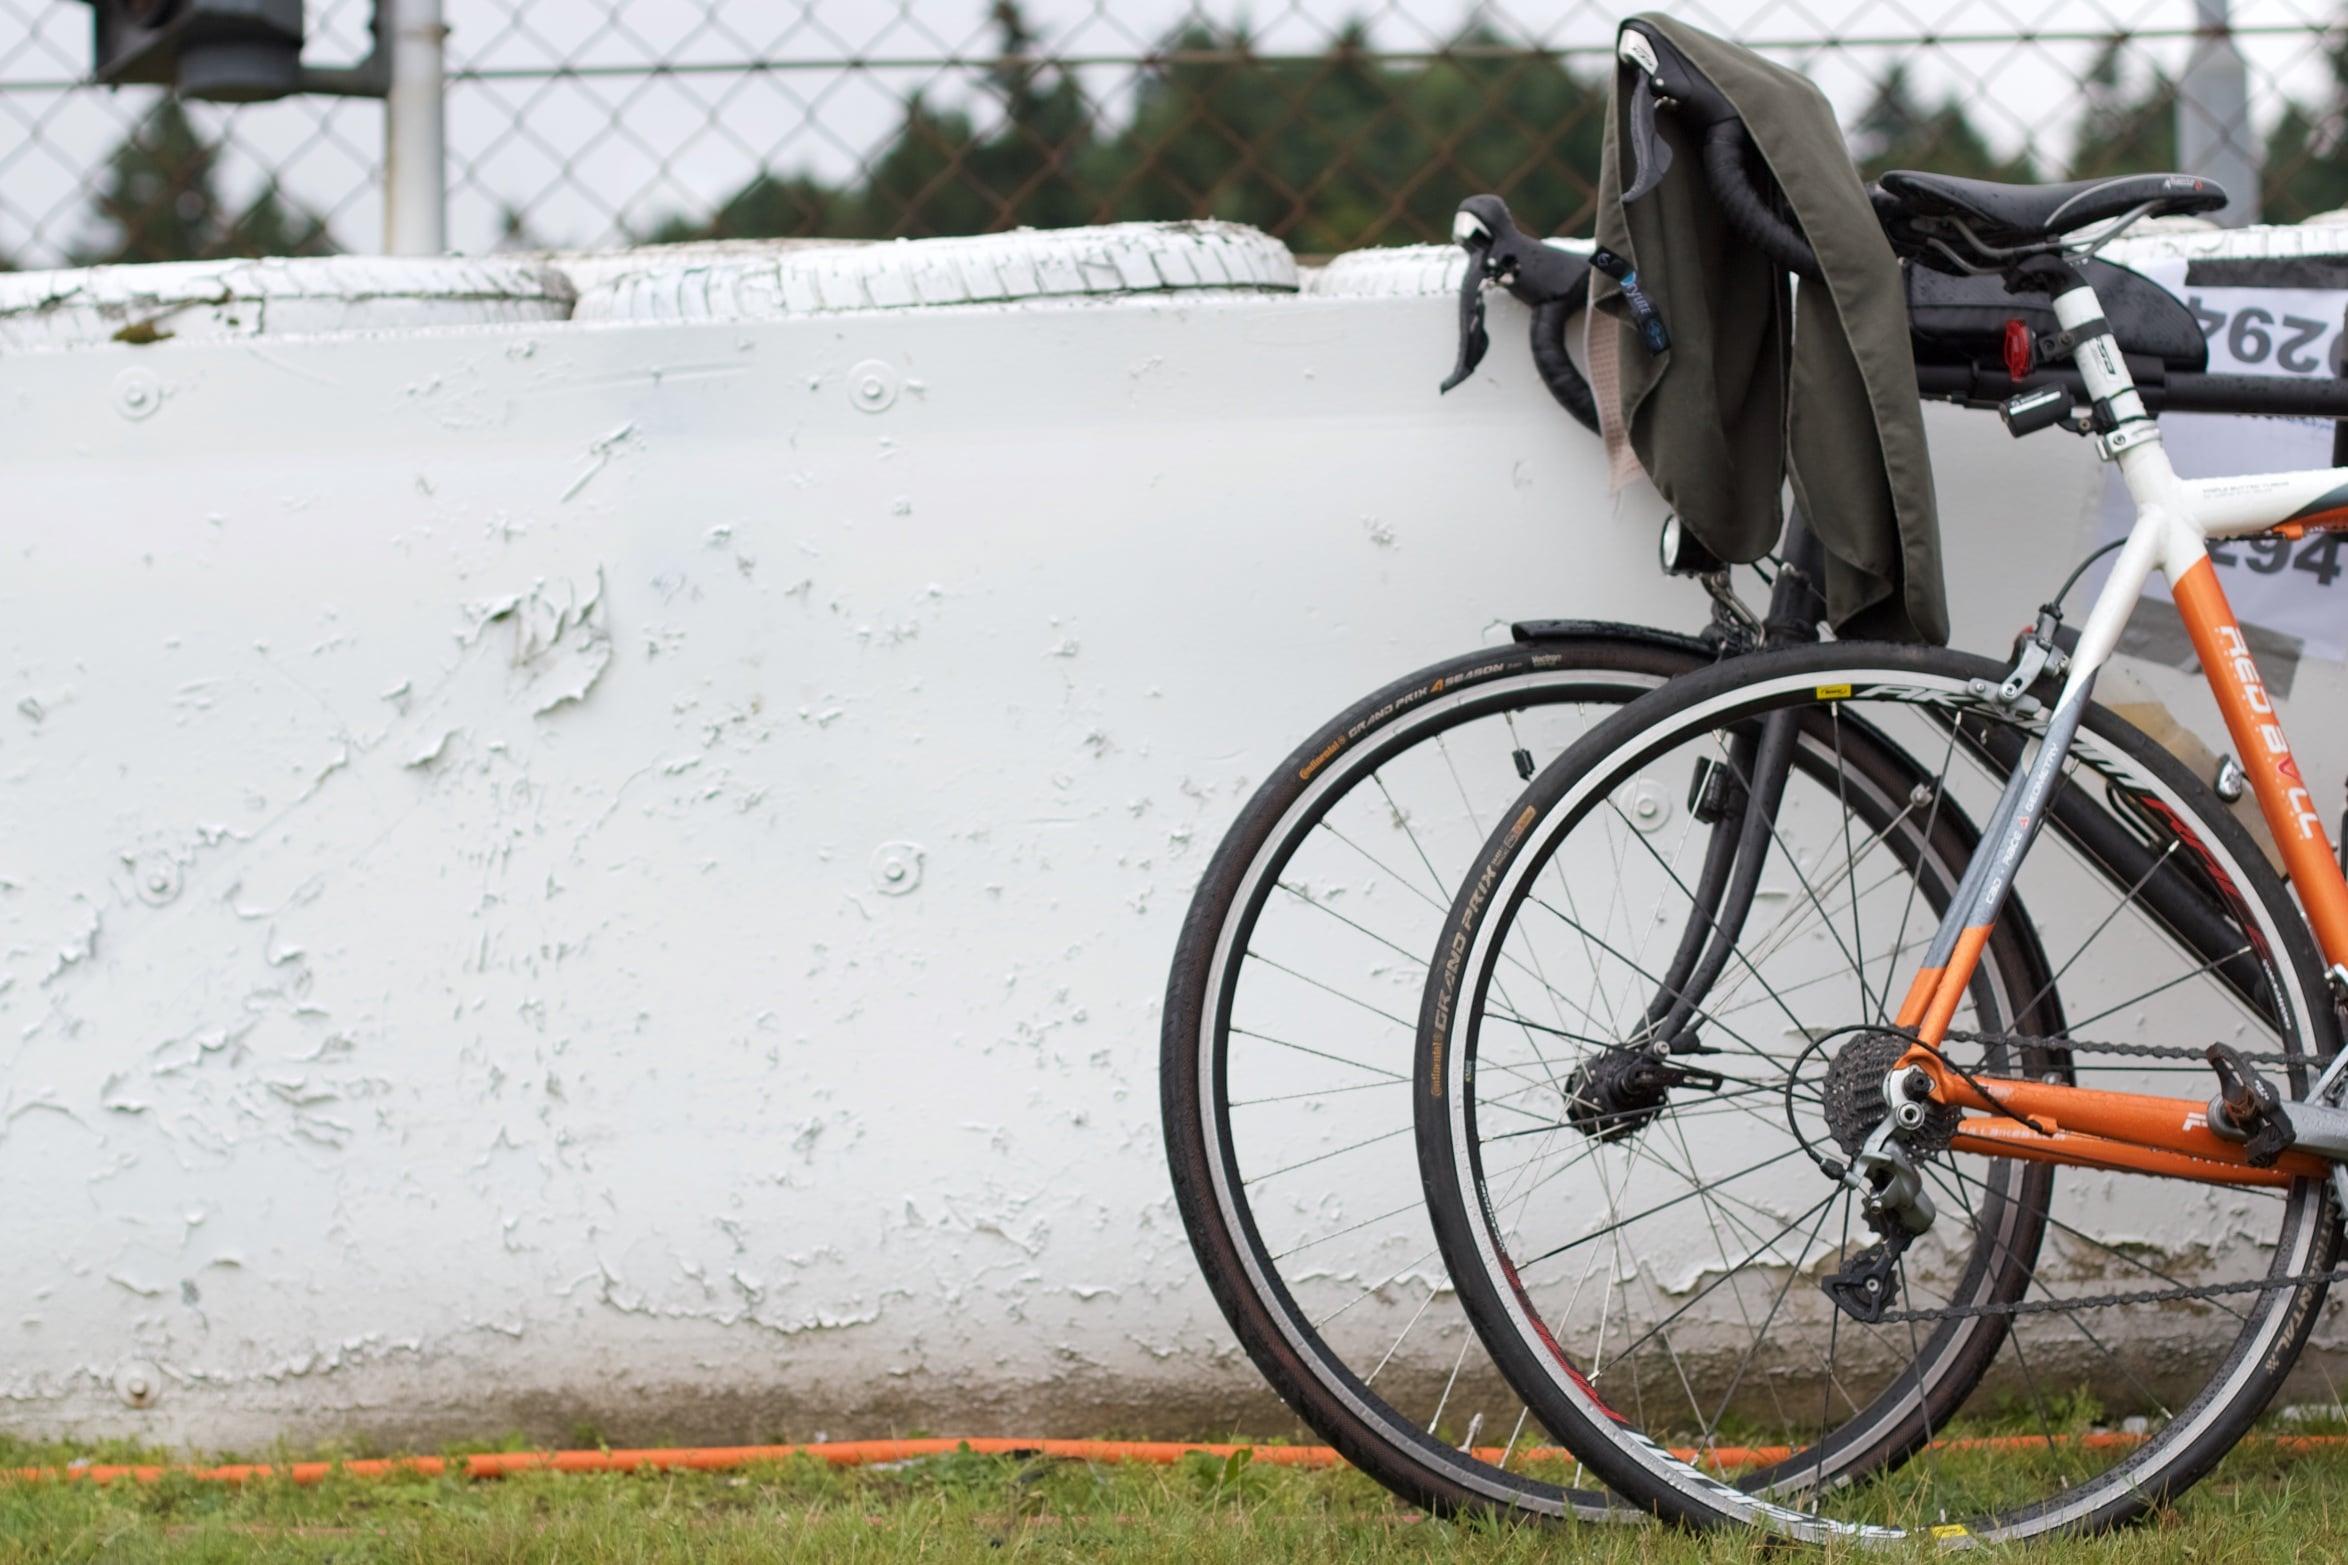 Ein Rennrad und ein Randonneur angelehnt an die mit Reifen gefüllte Streckenabsperrung hinter dem Grünstreifen